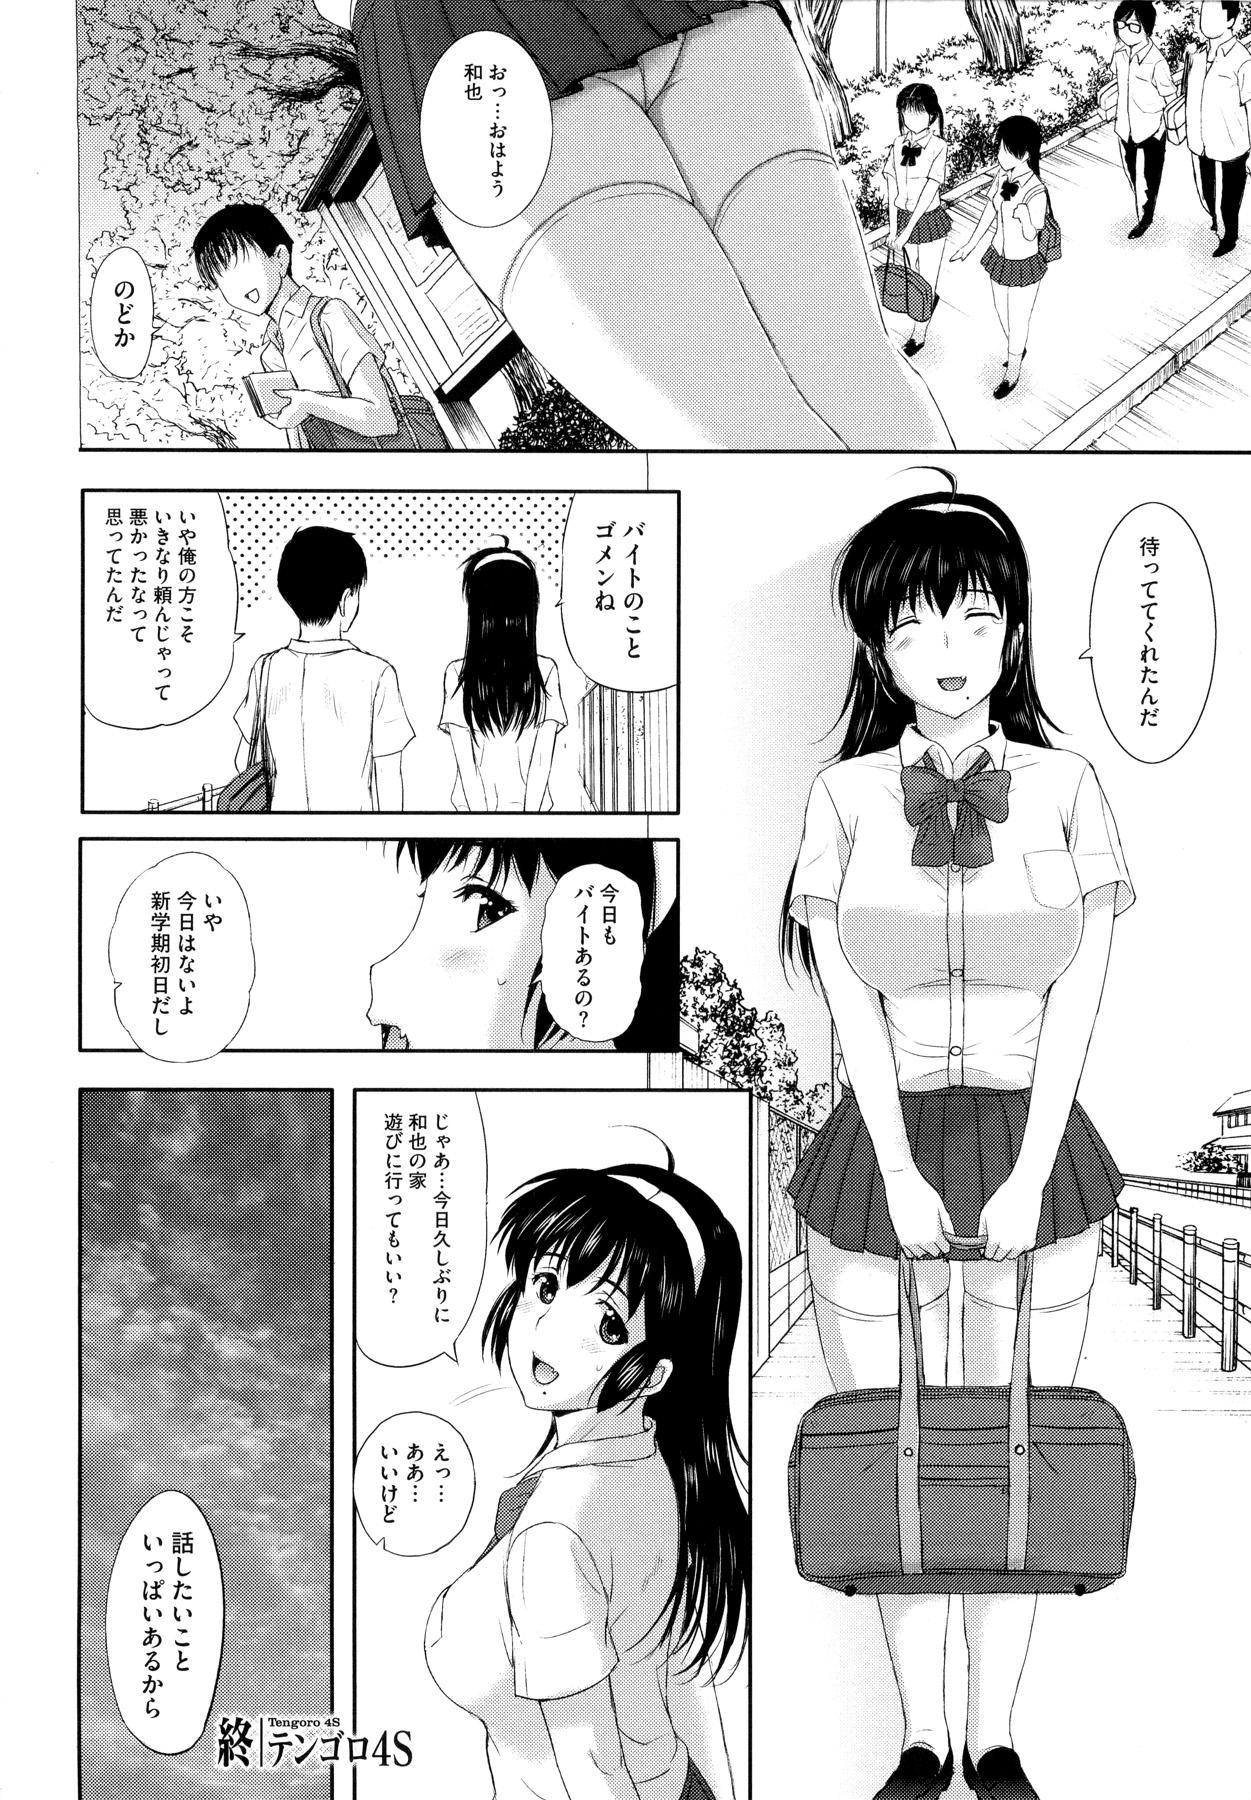 Sonotoki, Kanojo wa... 85